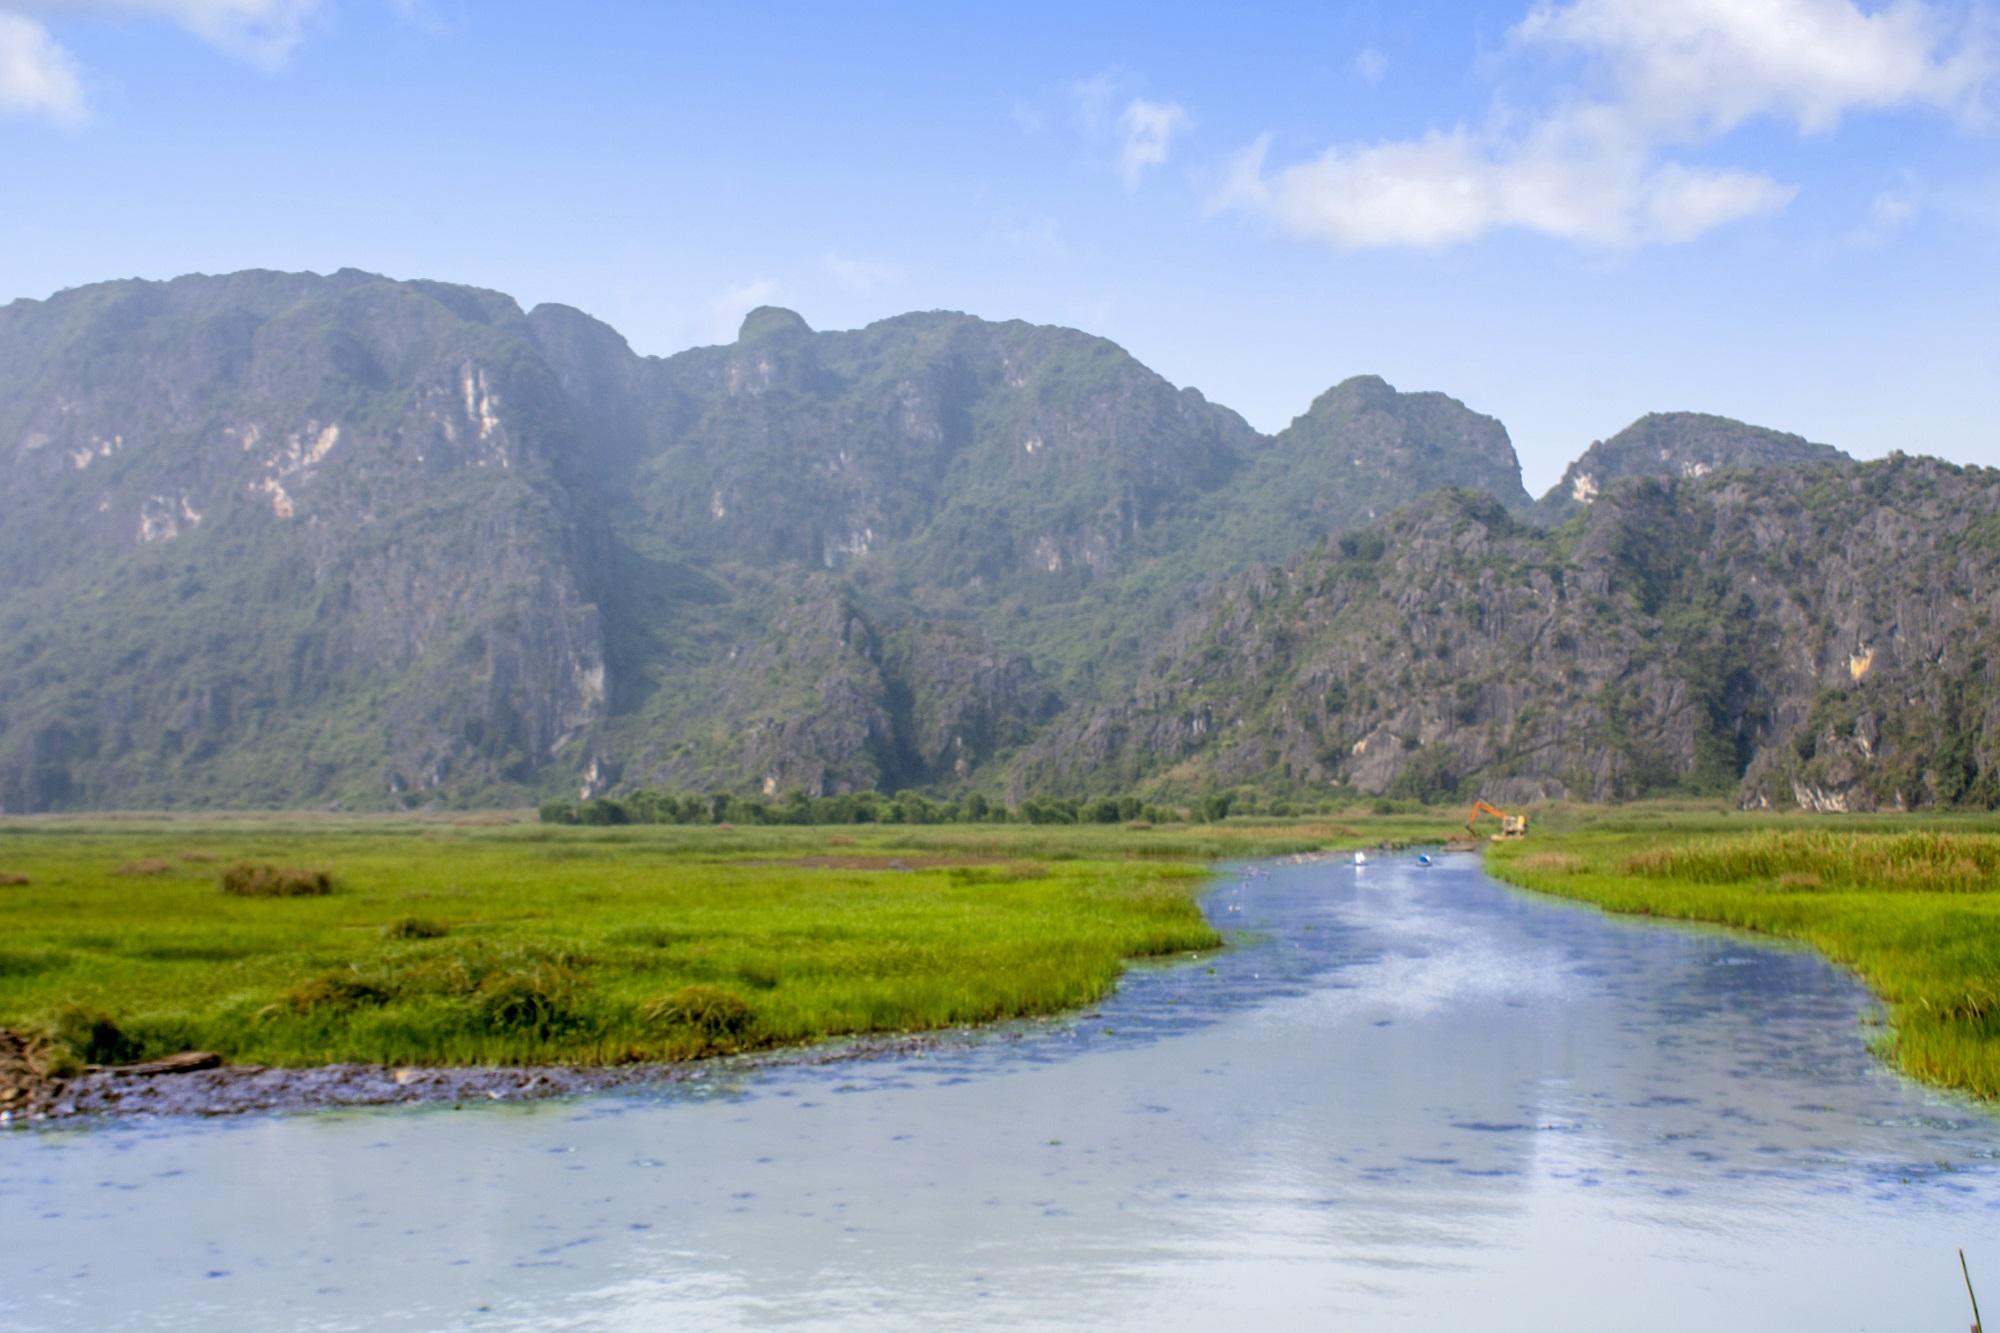 Stunning scene in Van Long